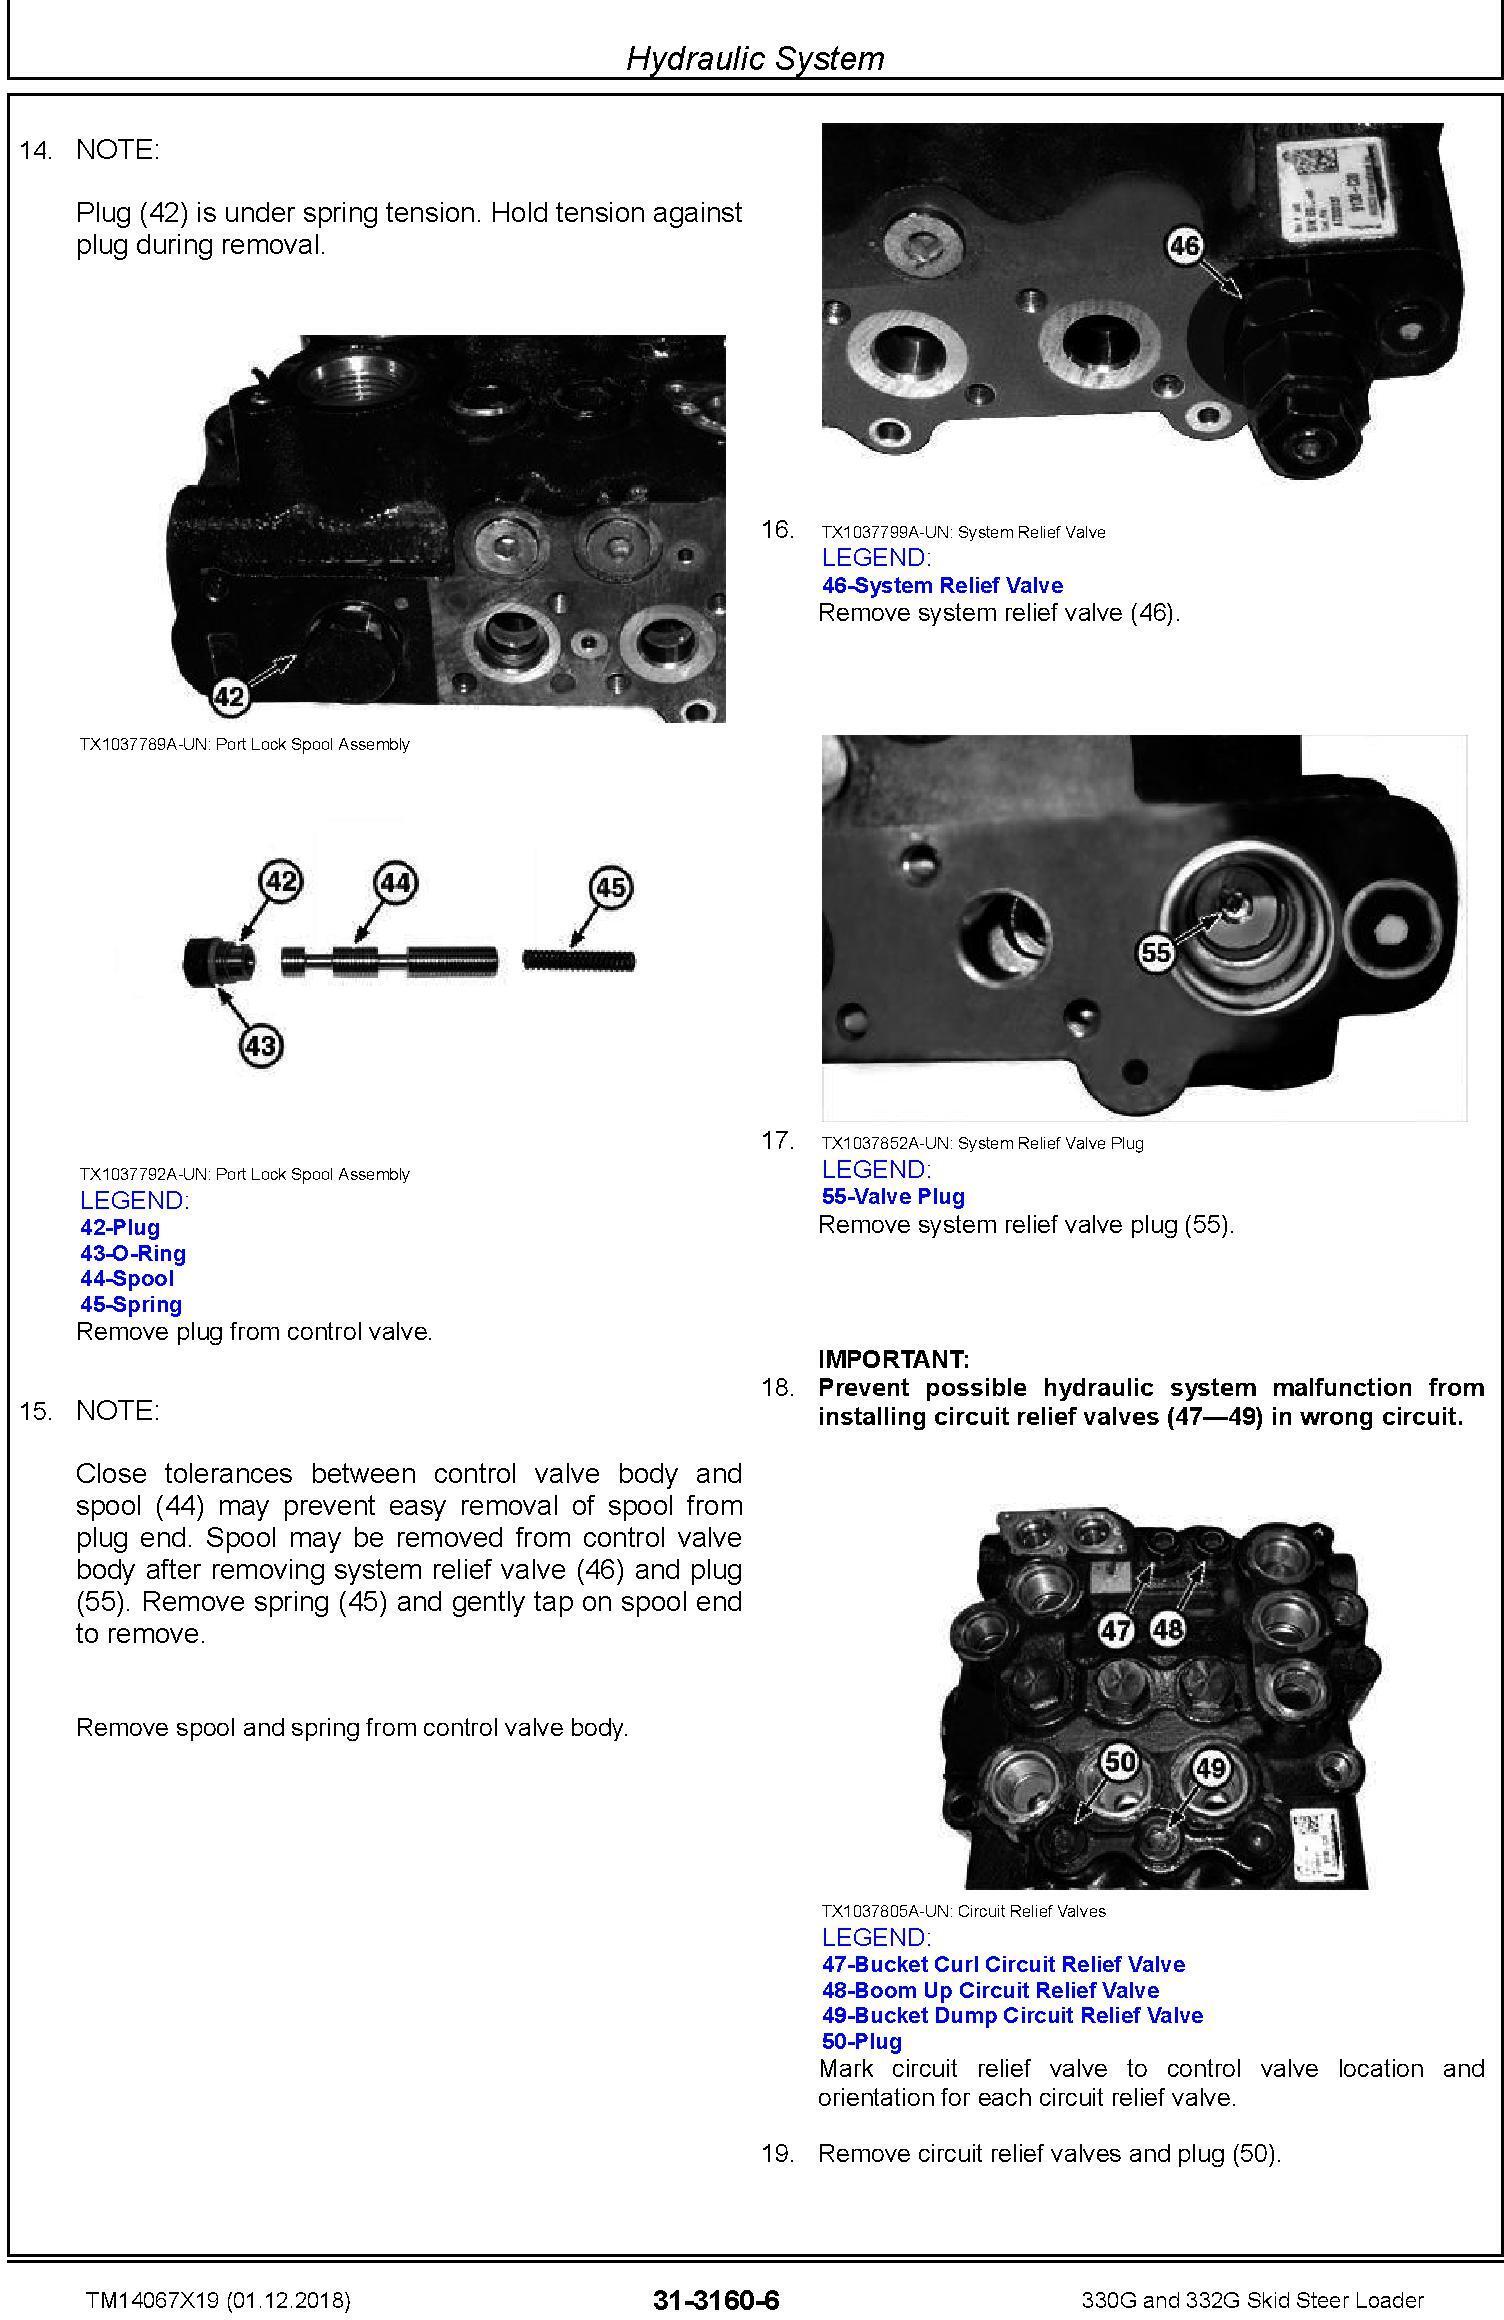 John Deere 330G and 332G Skid Steer Loader Service Repair Manual (TM14067X19) - 3